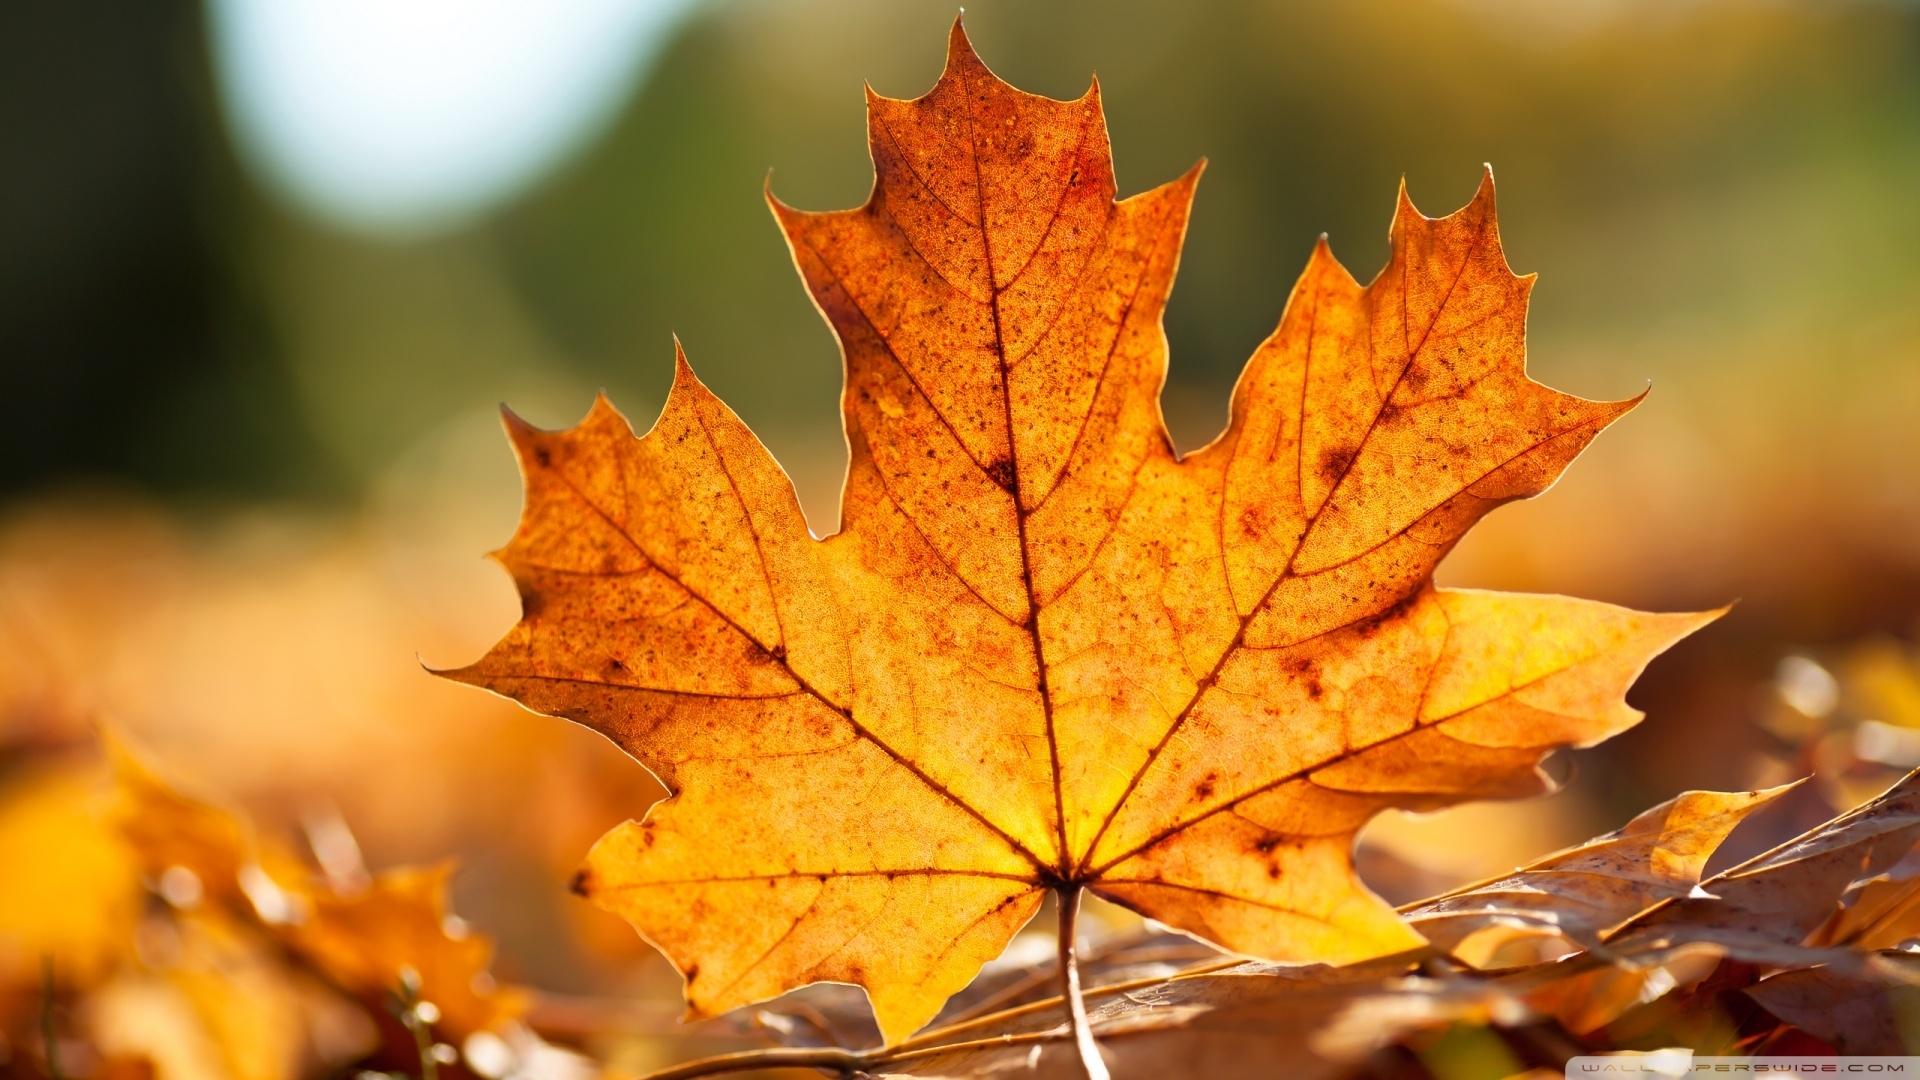 autumn leaf ❤ 4k hd desktop wallpaper for 4k ultra hd tv • wide